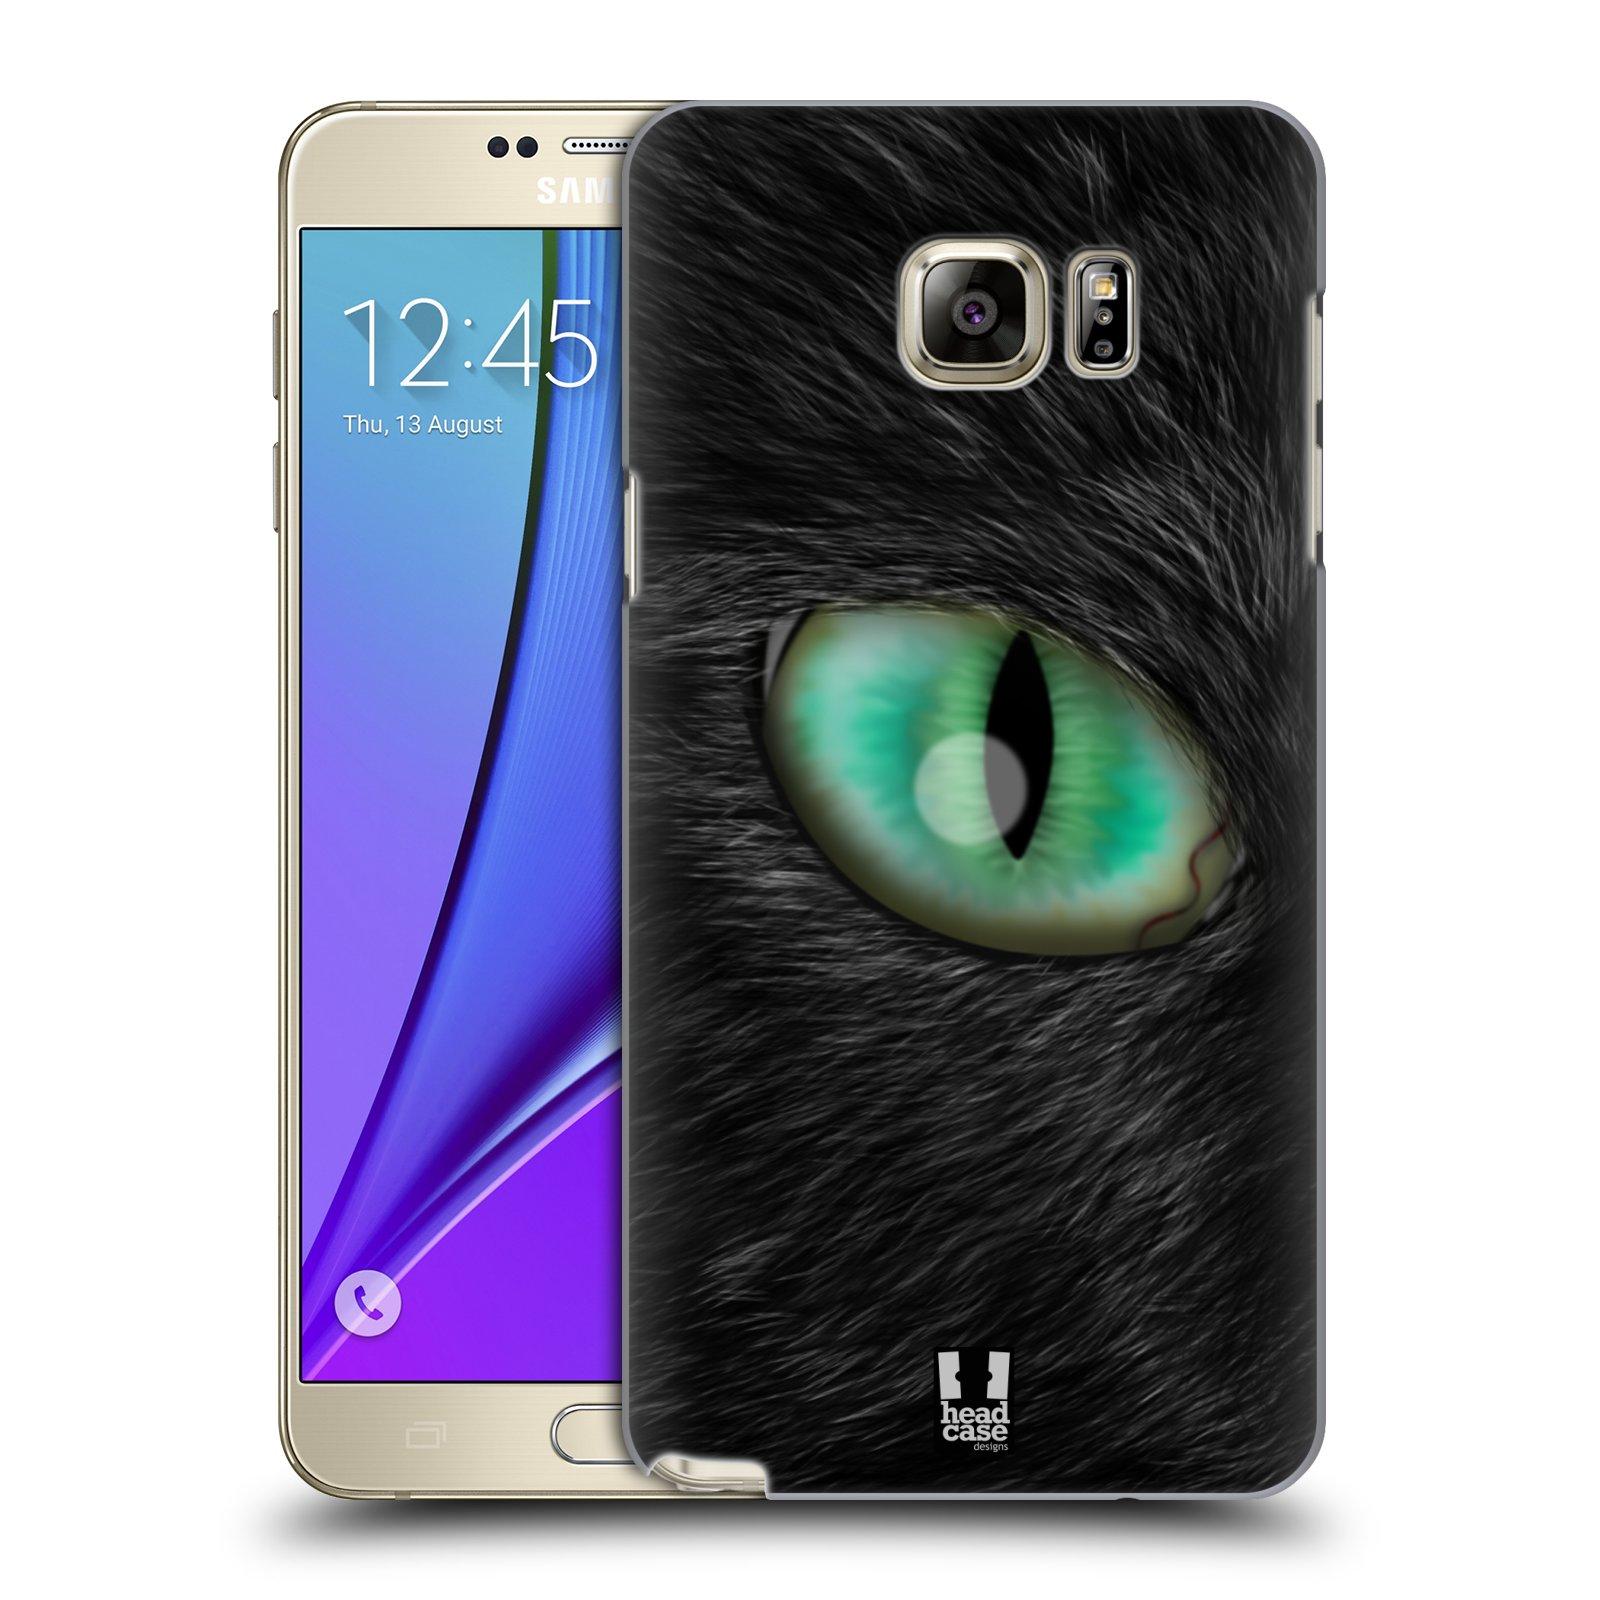 HEAD CASE plastový obal na mobil SAMSUNG Galaxy Note 5 (N920) vzor pohled zvířete oko kočka